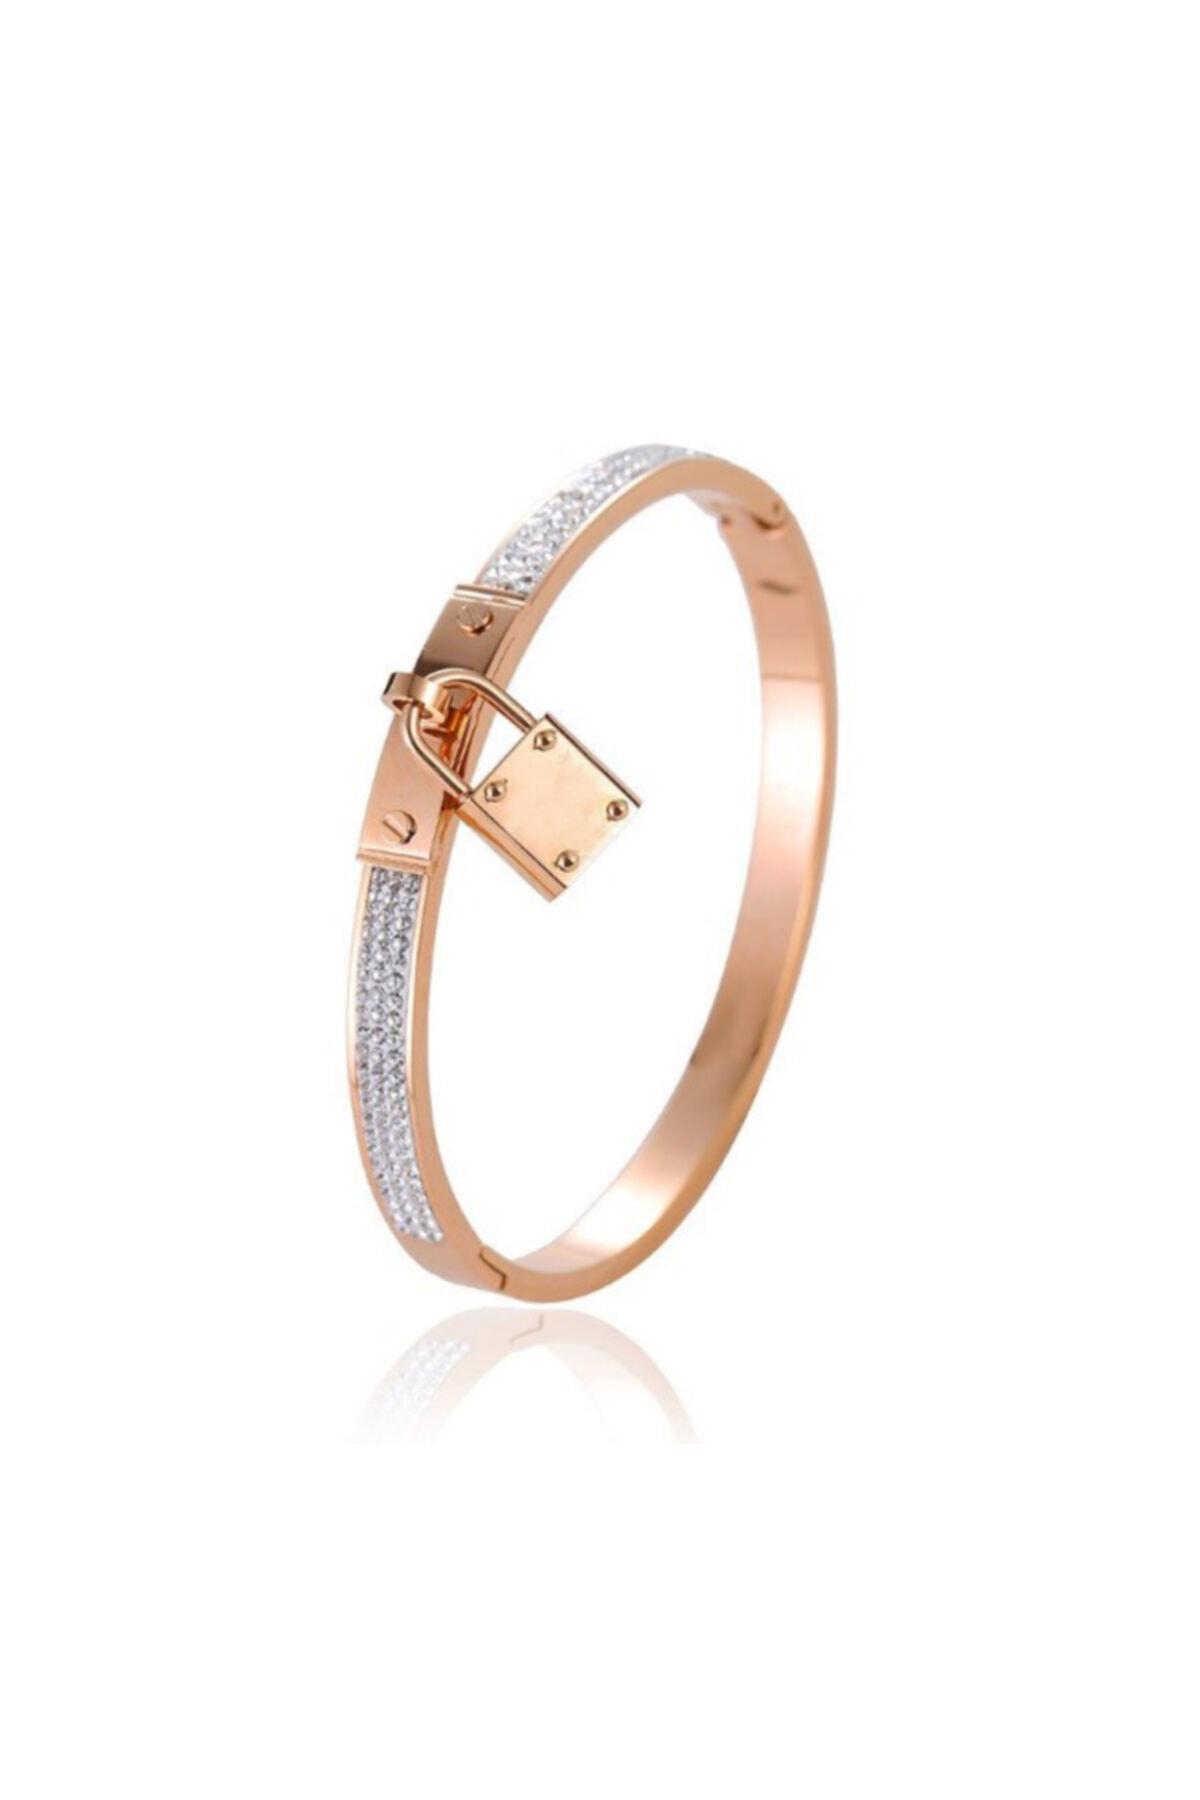 سفارش دستبند مردانه ارزان برند stor jewel رنگ صورتی ty42470169